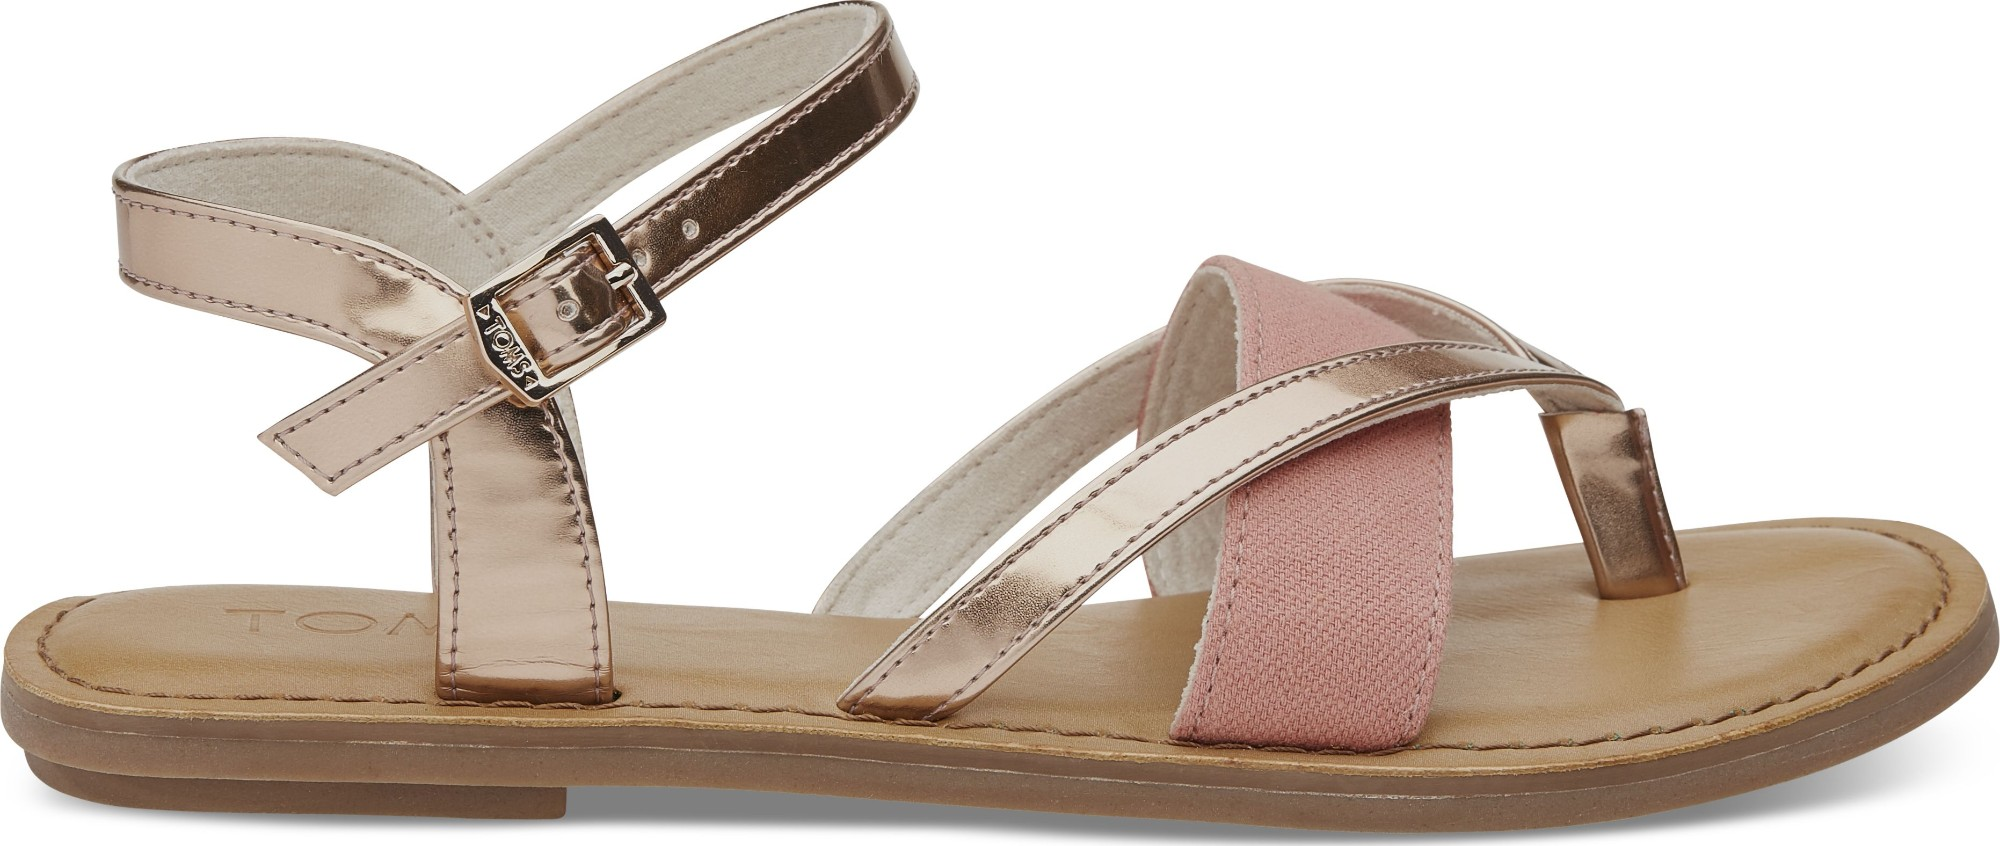 TOMS Specchio Oxford Women's Lexie Sandal Rose Gold 40